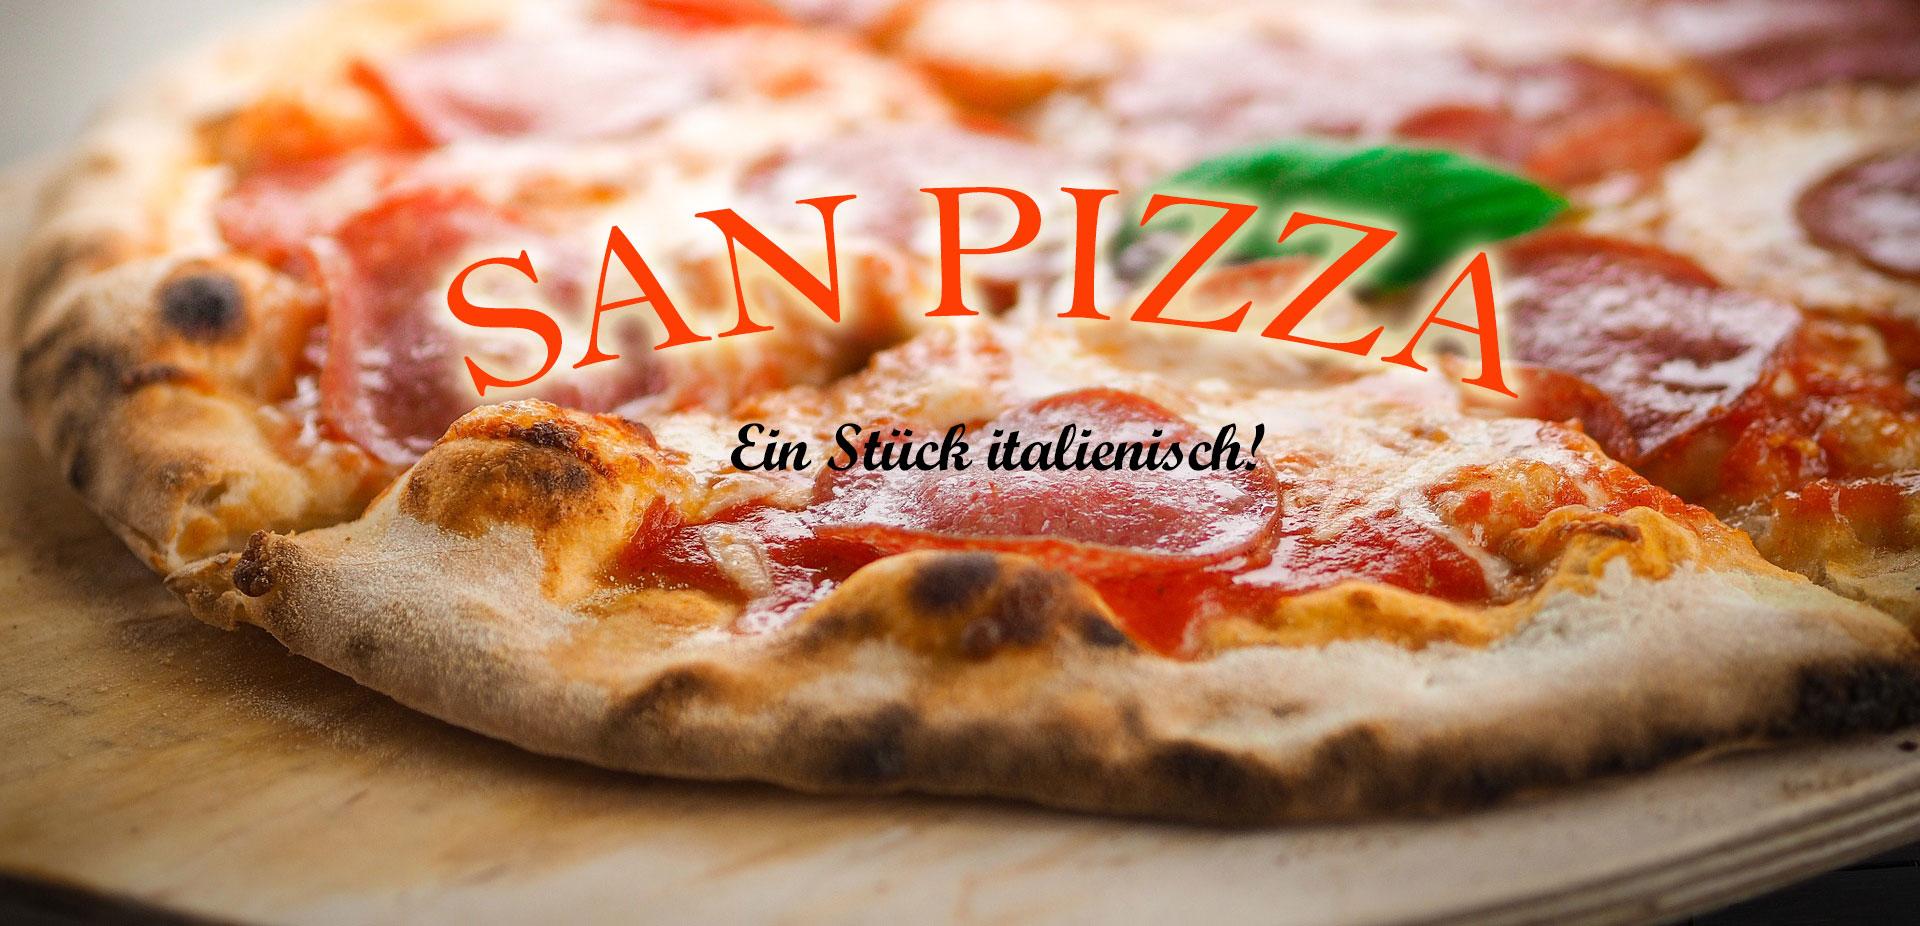 San pizza ihr lieferservice in bonn endenich for Lieferservice bonn